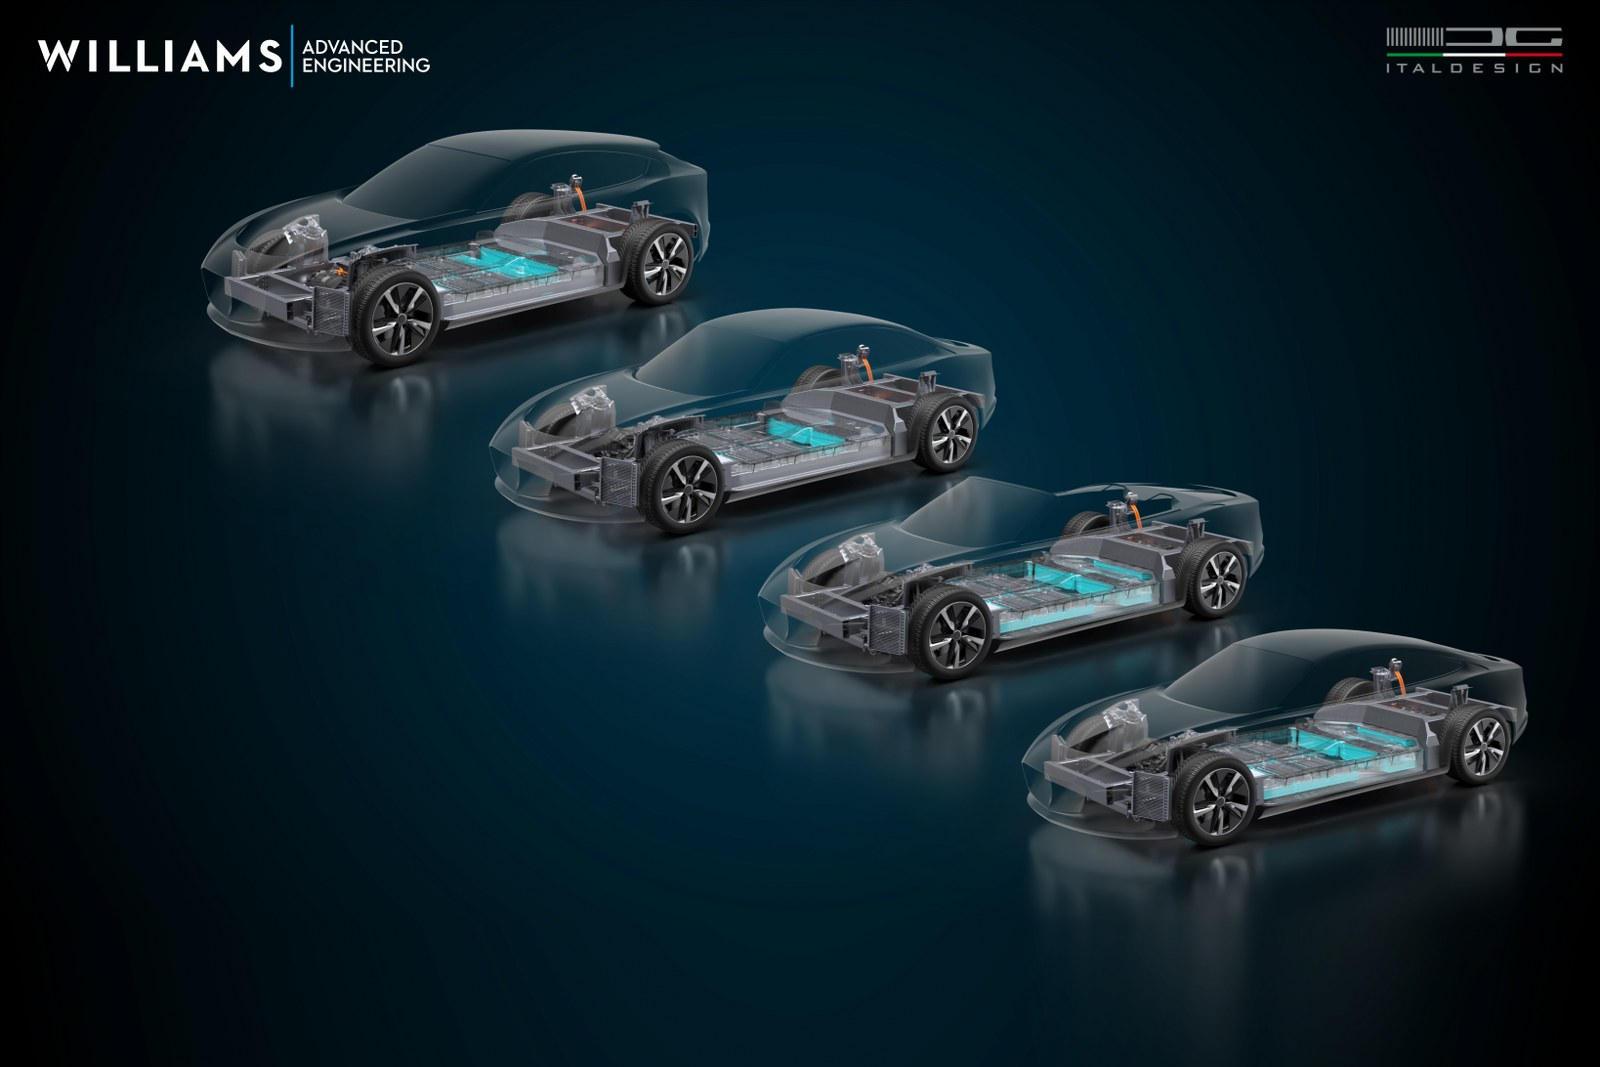 По сути, Williams создал лидирующую в своем классе платформу, которая жестче и легче, чем что-либо еще, и предлагает эту платформу всем, кто заинтересован, с Italdesign, доступной для стилизации автомобиля так, как этого захочет покупающий бренд.